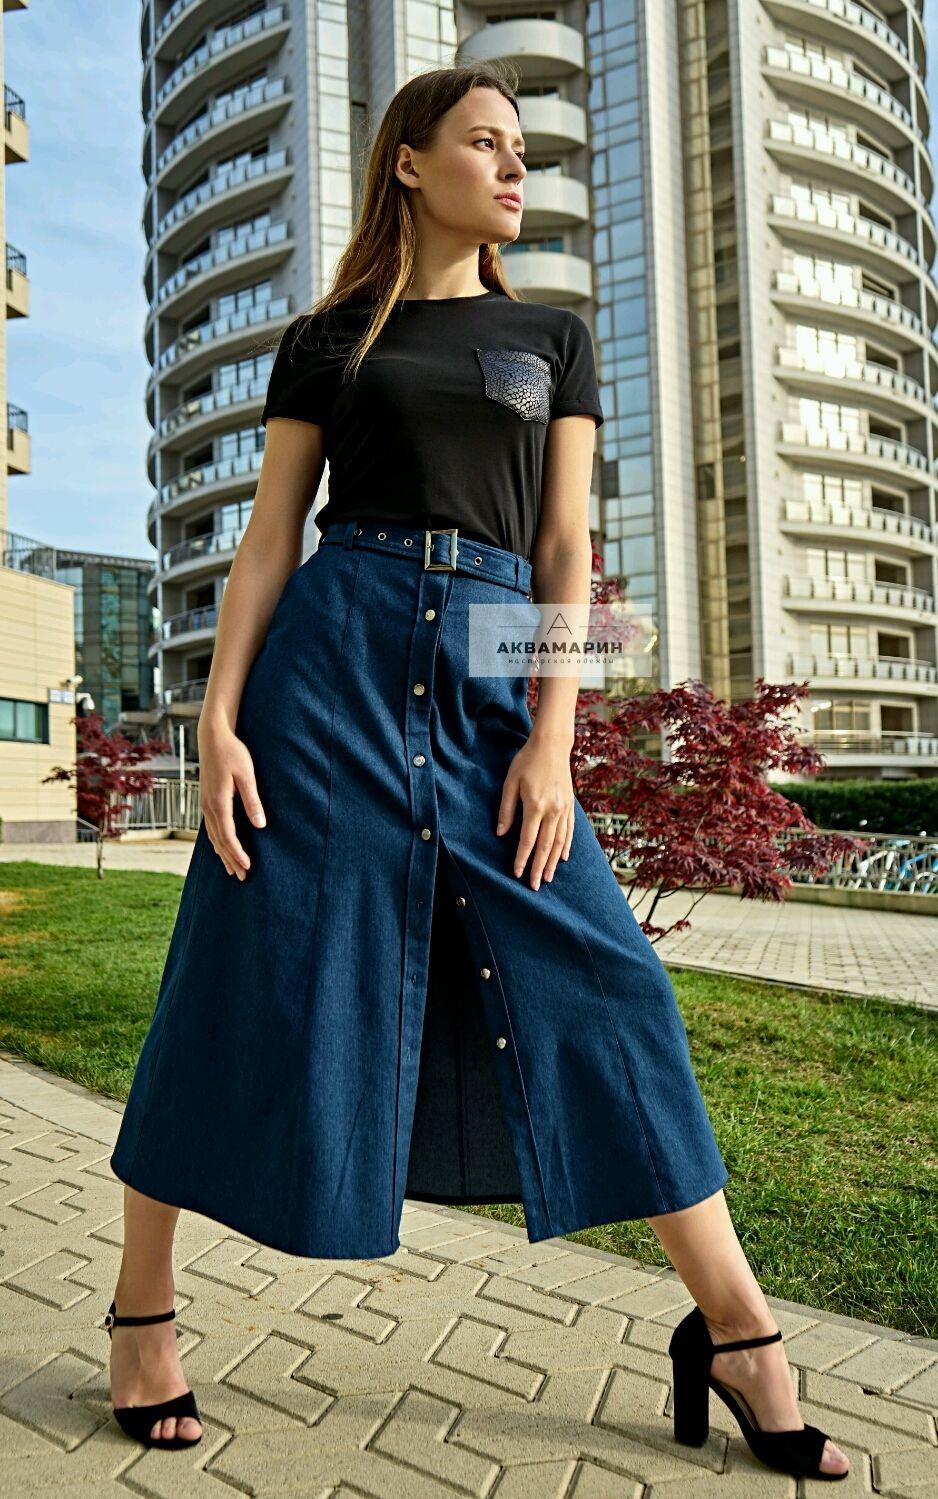 0b0d564bca9 Интернет Юбки ручной работы. Заказать Юбка на пуговицах джинсовая.   Аквамарин  дизайнерская одежда.